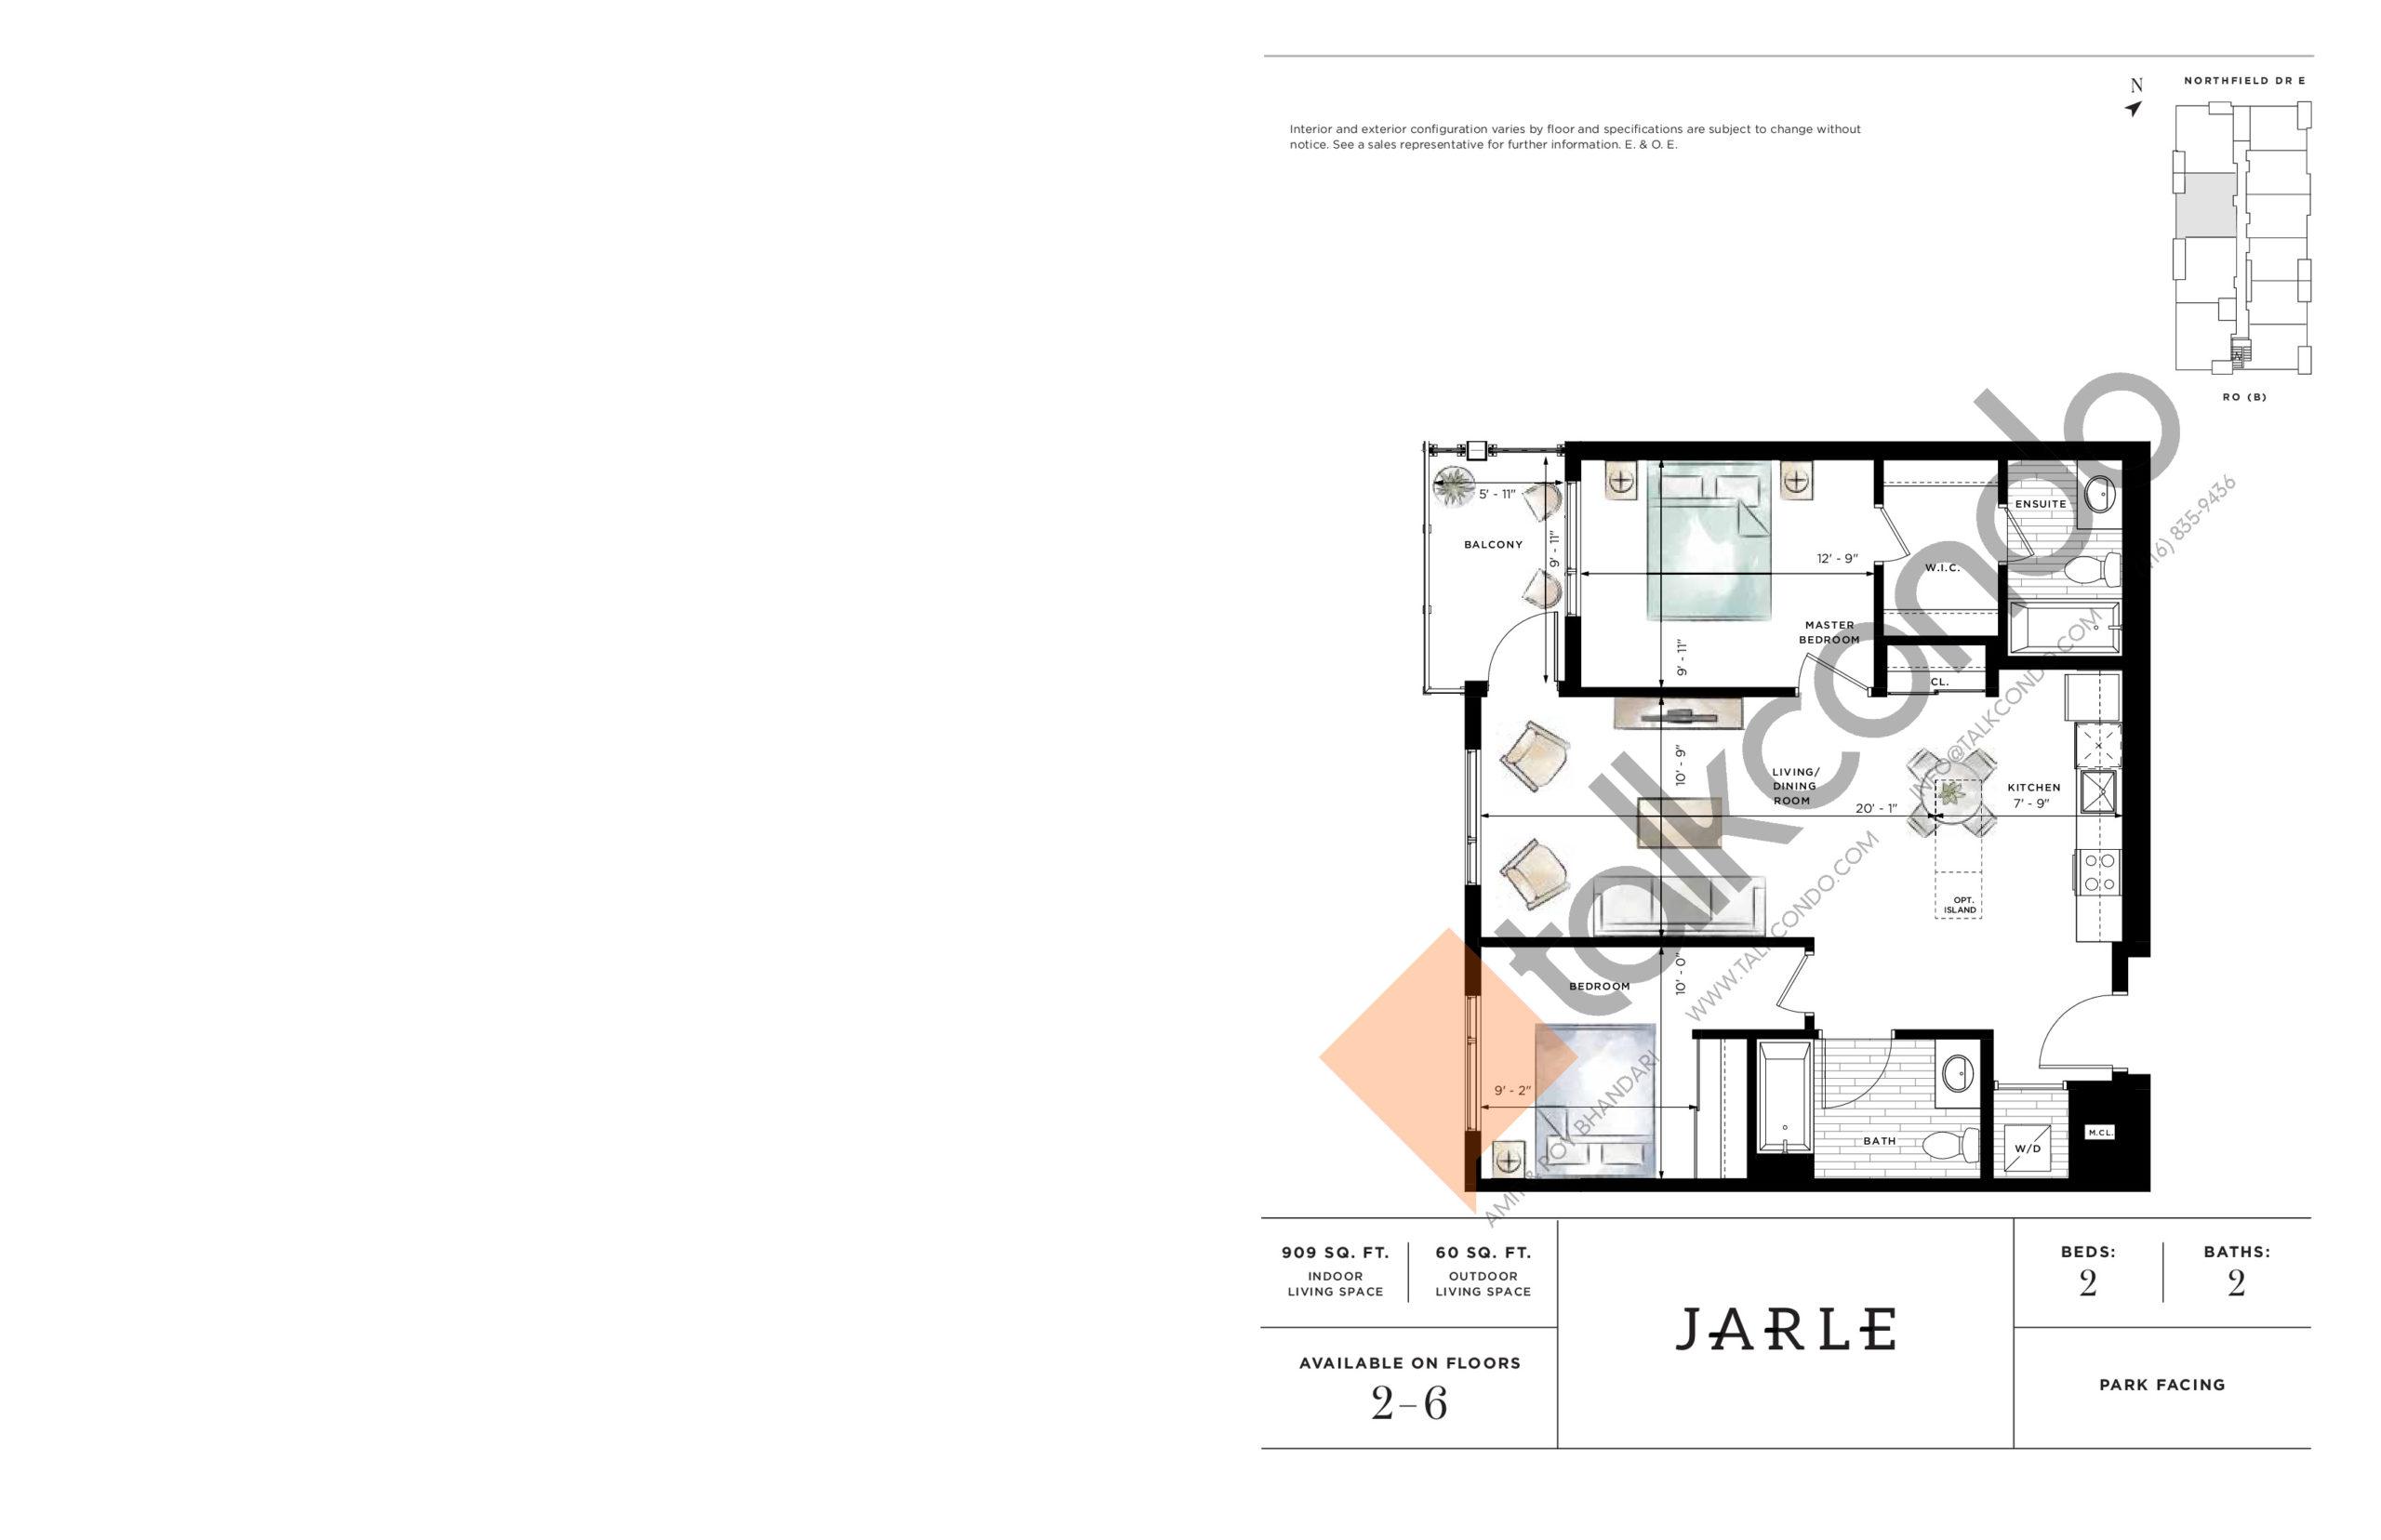 Jarle Floor Plan at Ro at Blackstone Condos - 909 sq.ft